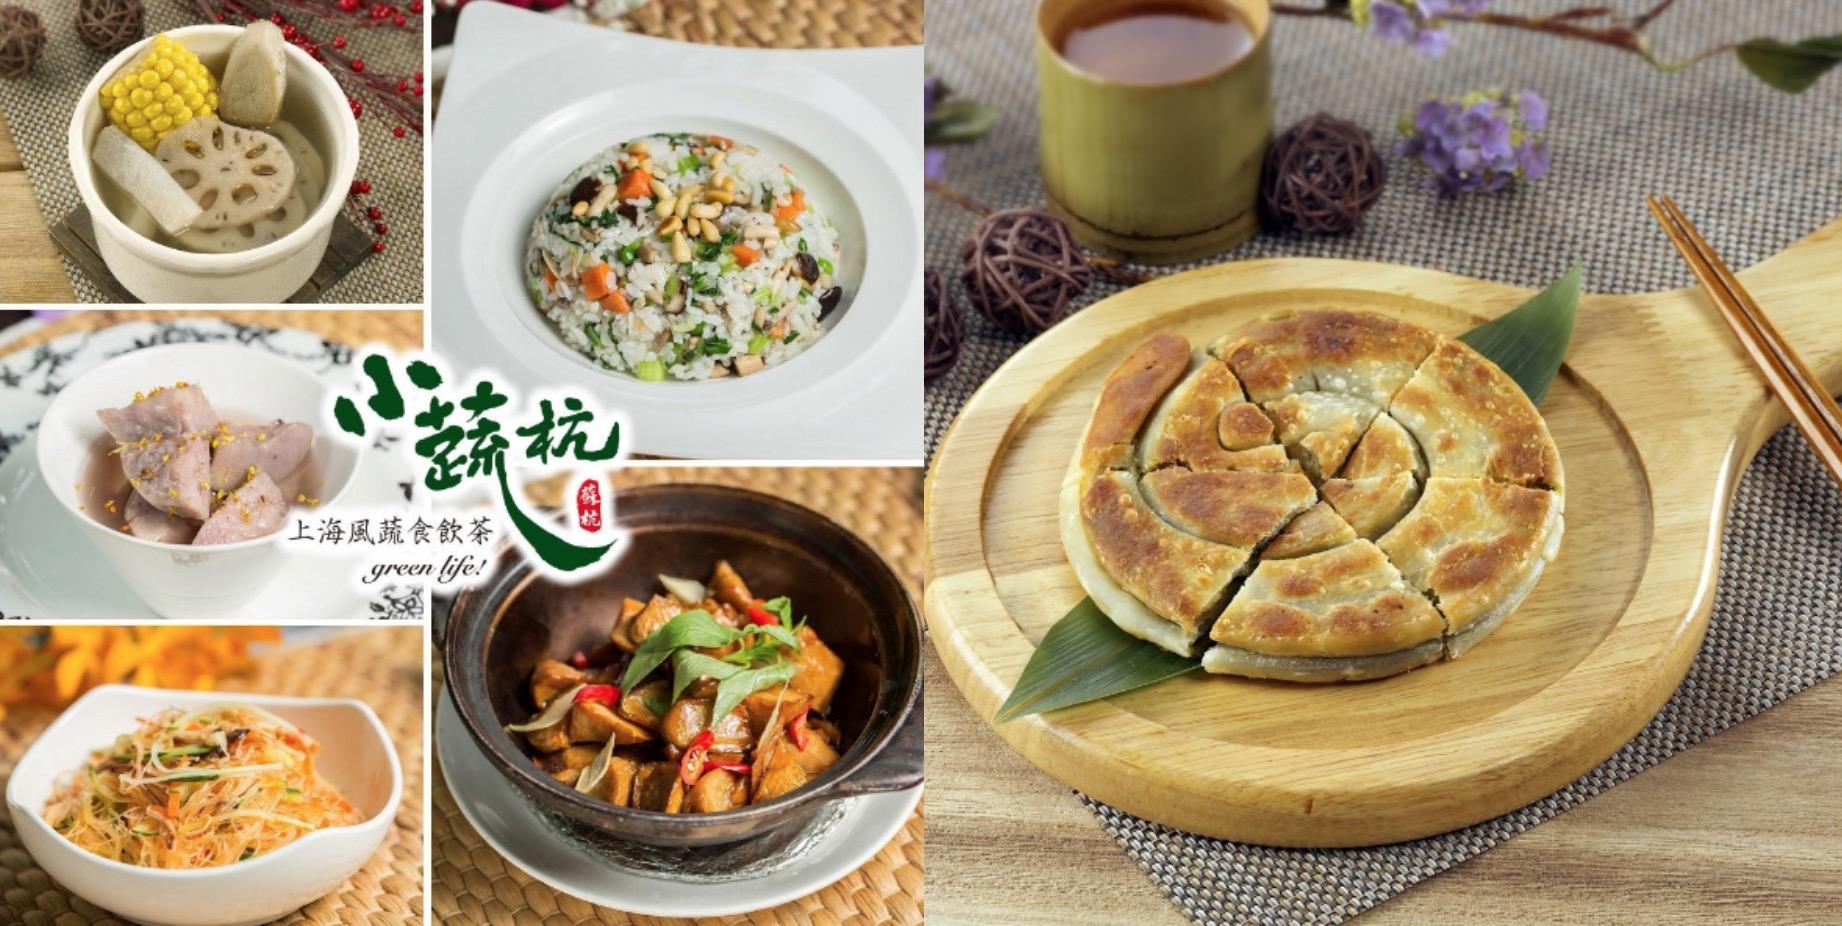 養生美味的澎派蔬食飲茶。以上海式蒸籠點心為主軸,結合港式飲茶,強調「無肉、無魚、少油、少鹽、多蔬果」,堅持自然原味、無色素,有如素顏料理呈現食材原味,深受喜愛。